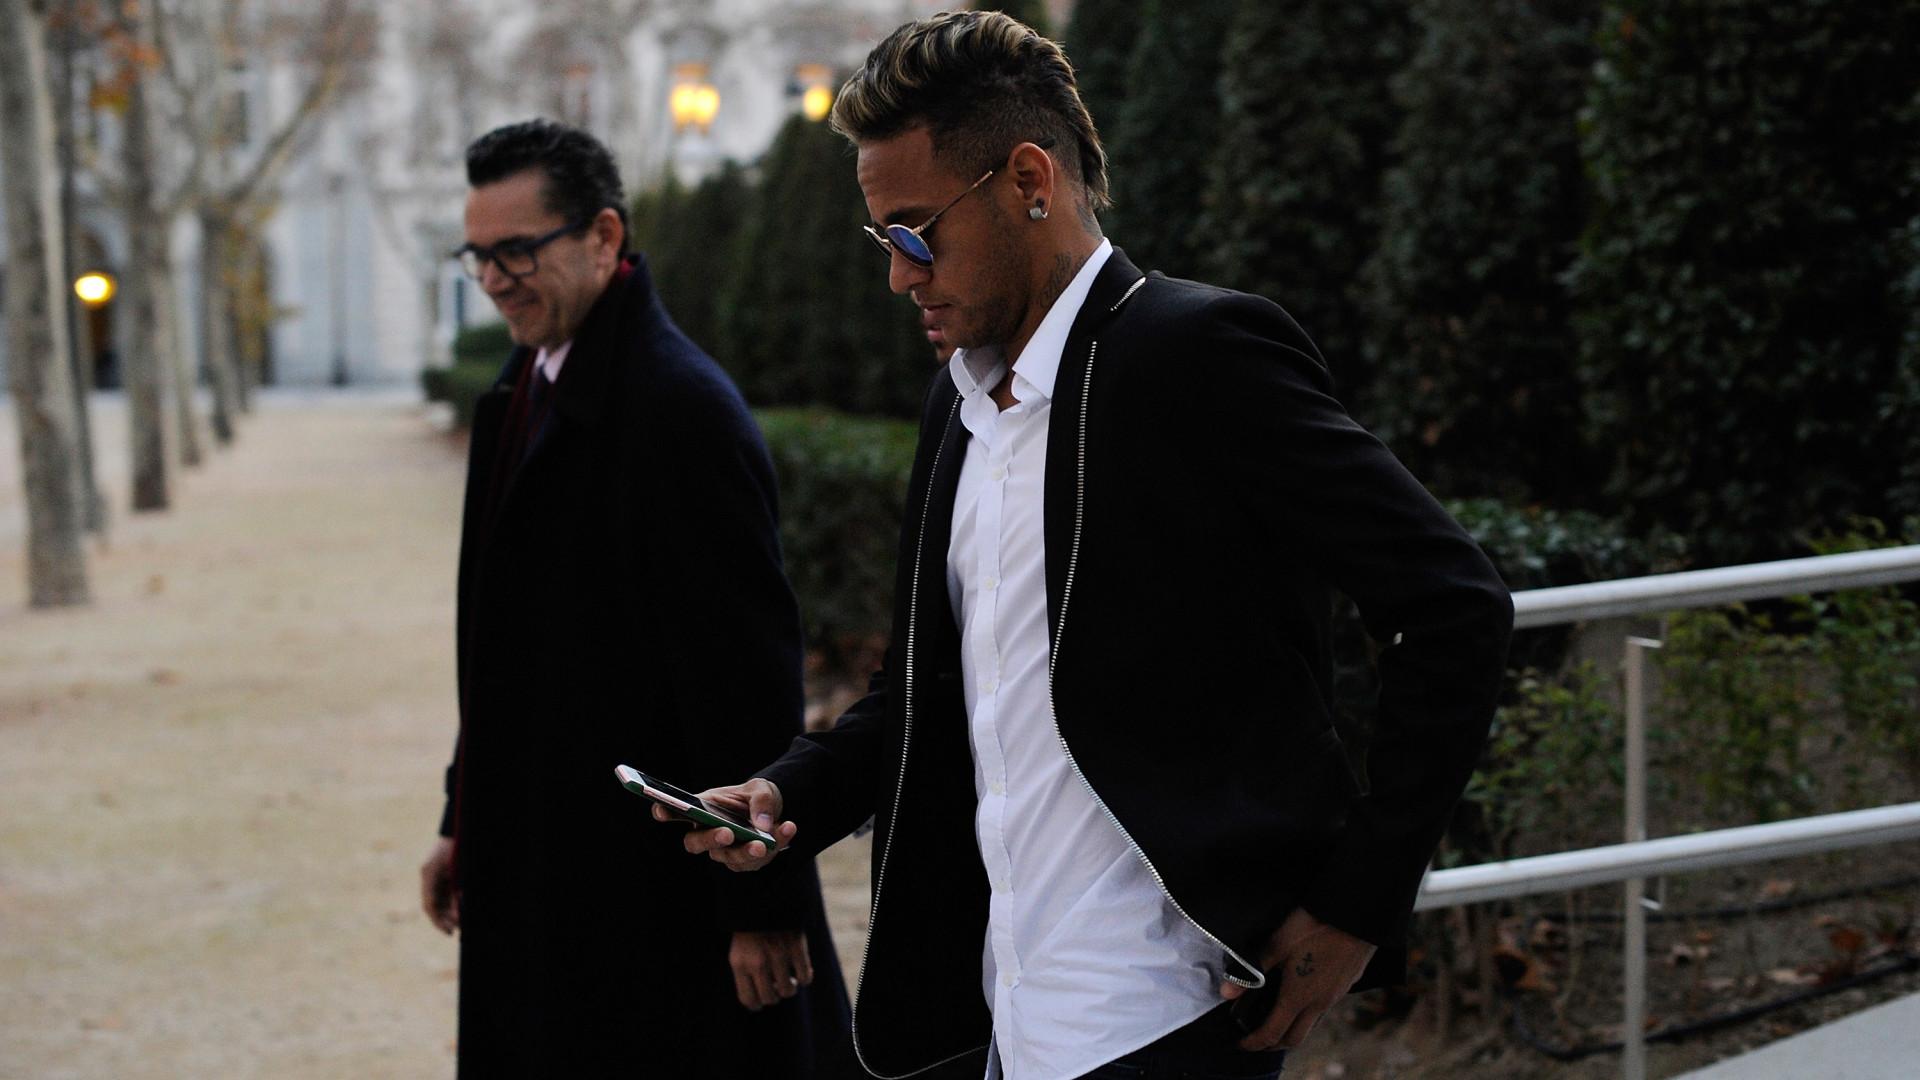 Neymar diz que vídeo com fotos íntimas foi publicado por assessores